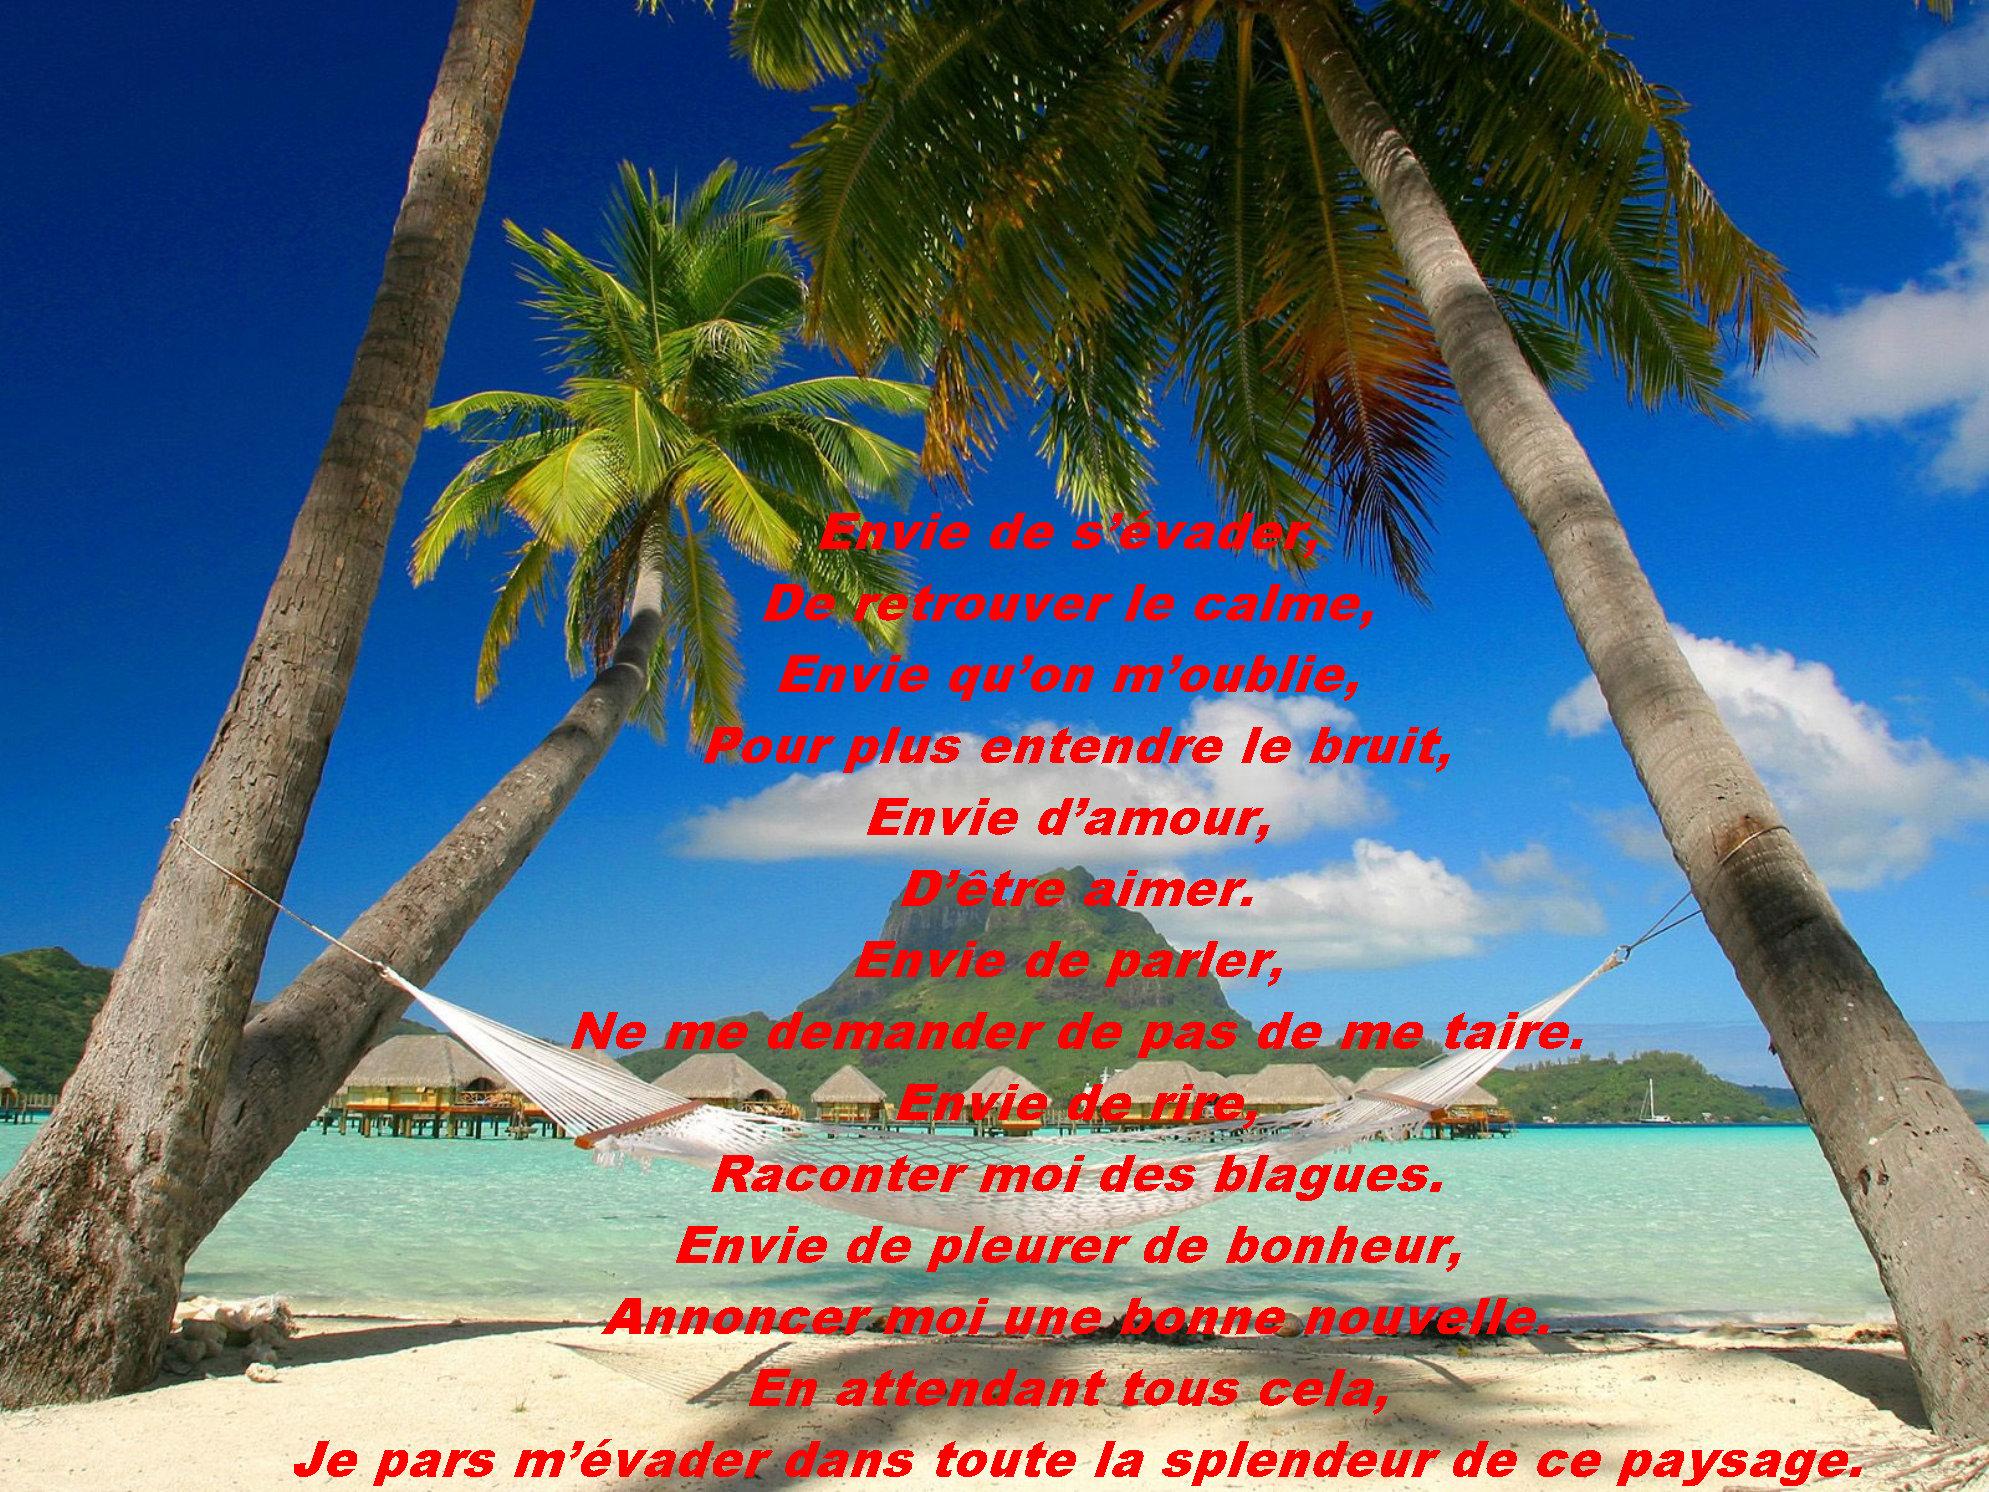 Hervorragend poeme - Page 2 MC74